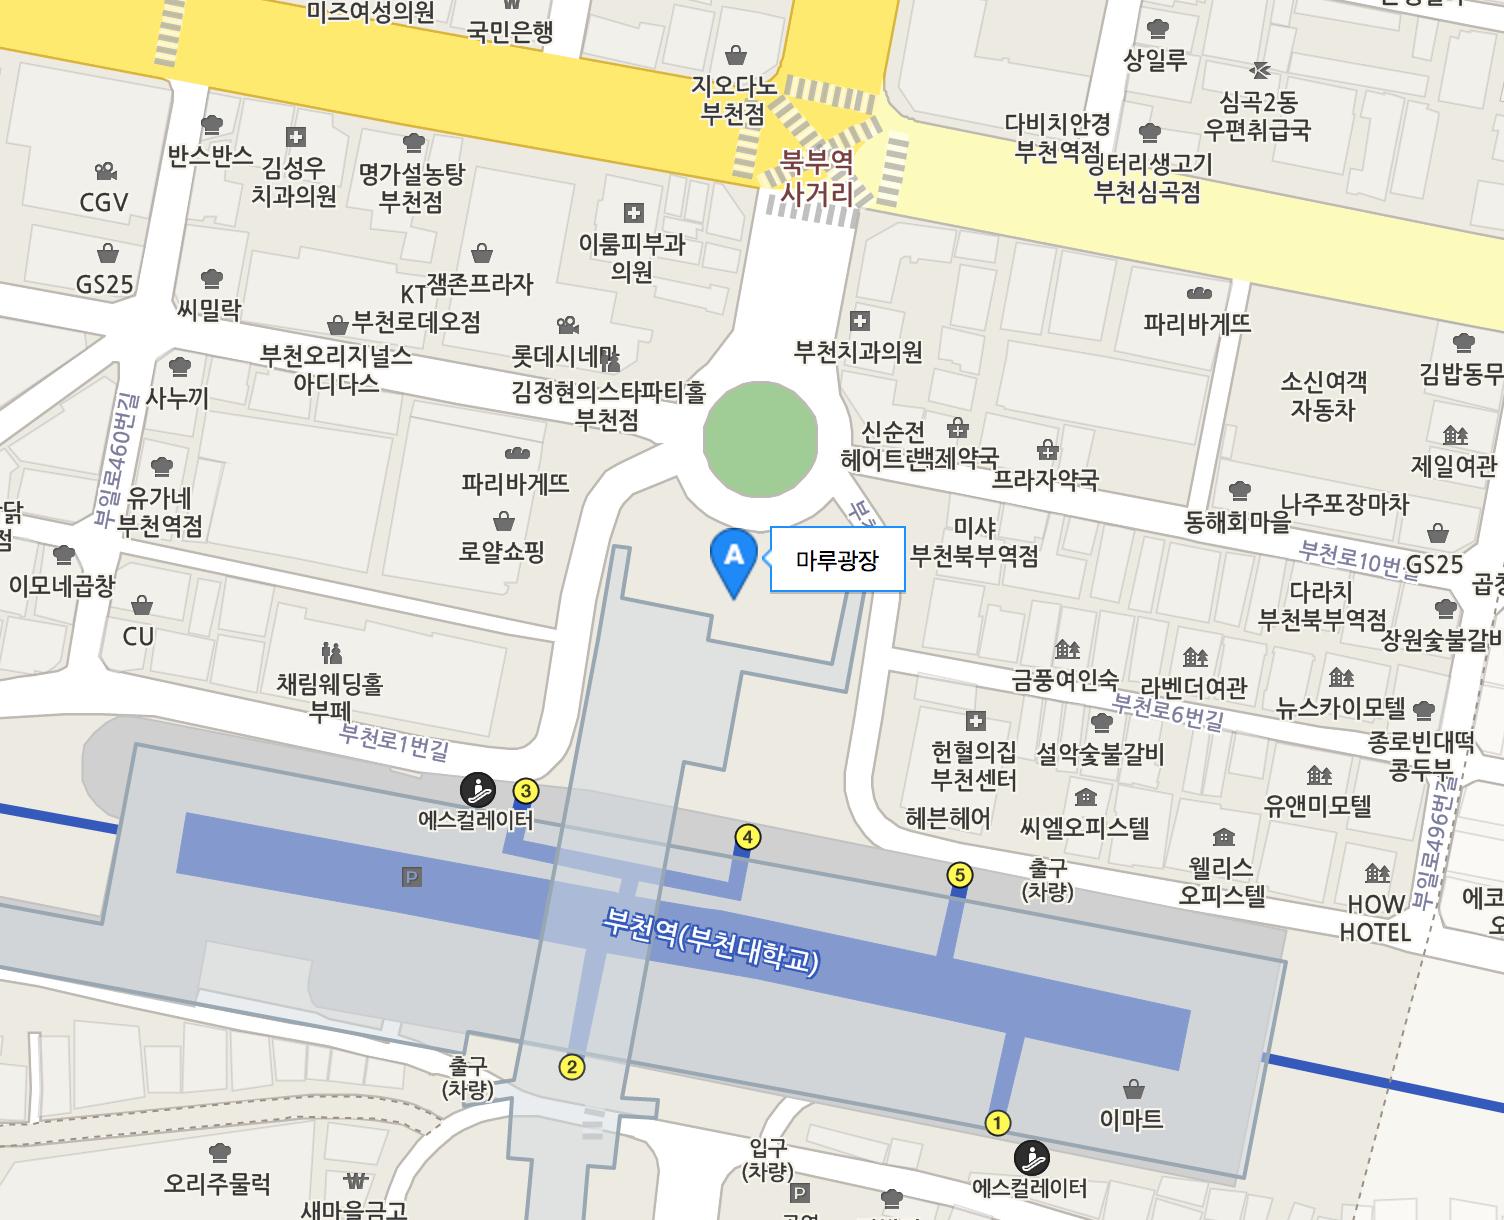 부천역(1호선)에서 4번출구로 나오시면 바로 보이는 부천마루광장 입니다.